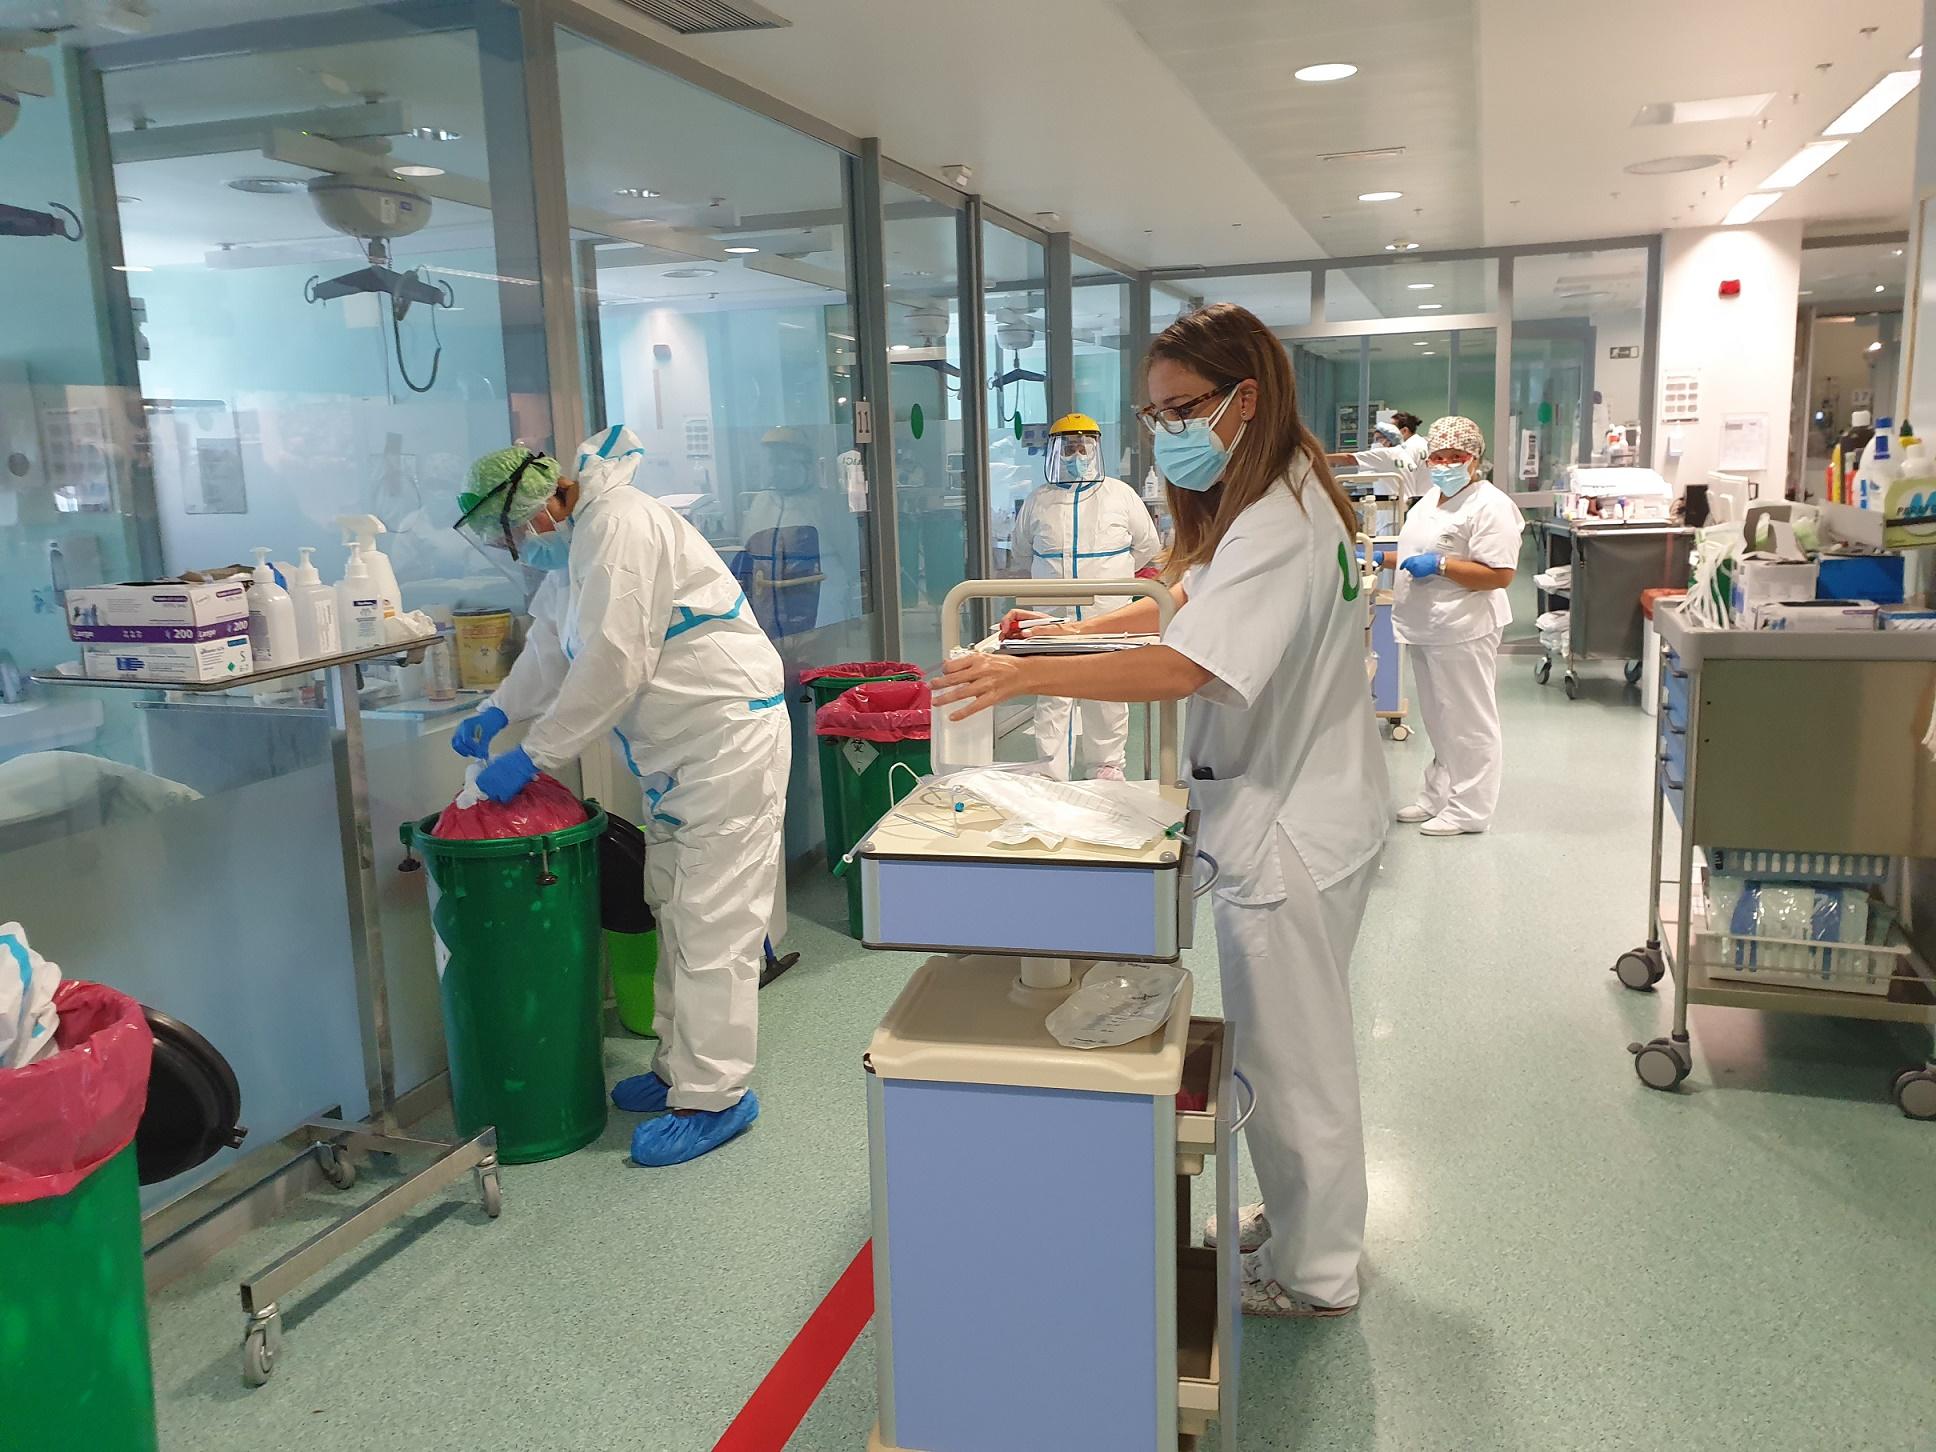 El Hospital Clínico San Cecilio lidera un estudio científico que analiza las secuelas de pacientes Covid tras su hospitalización